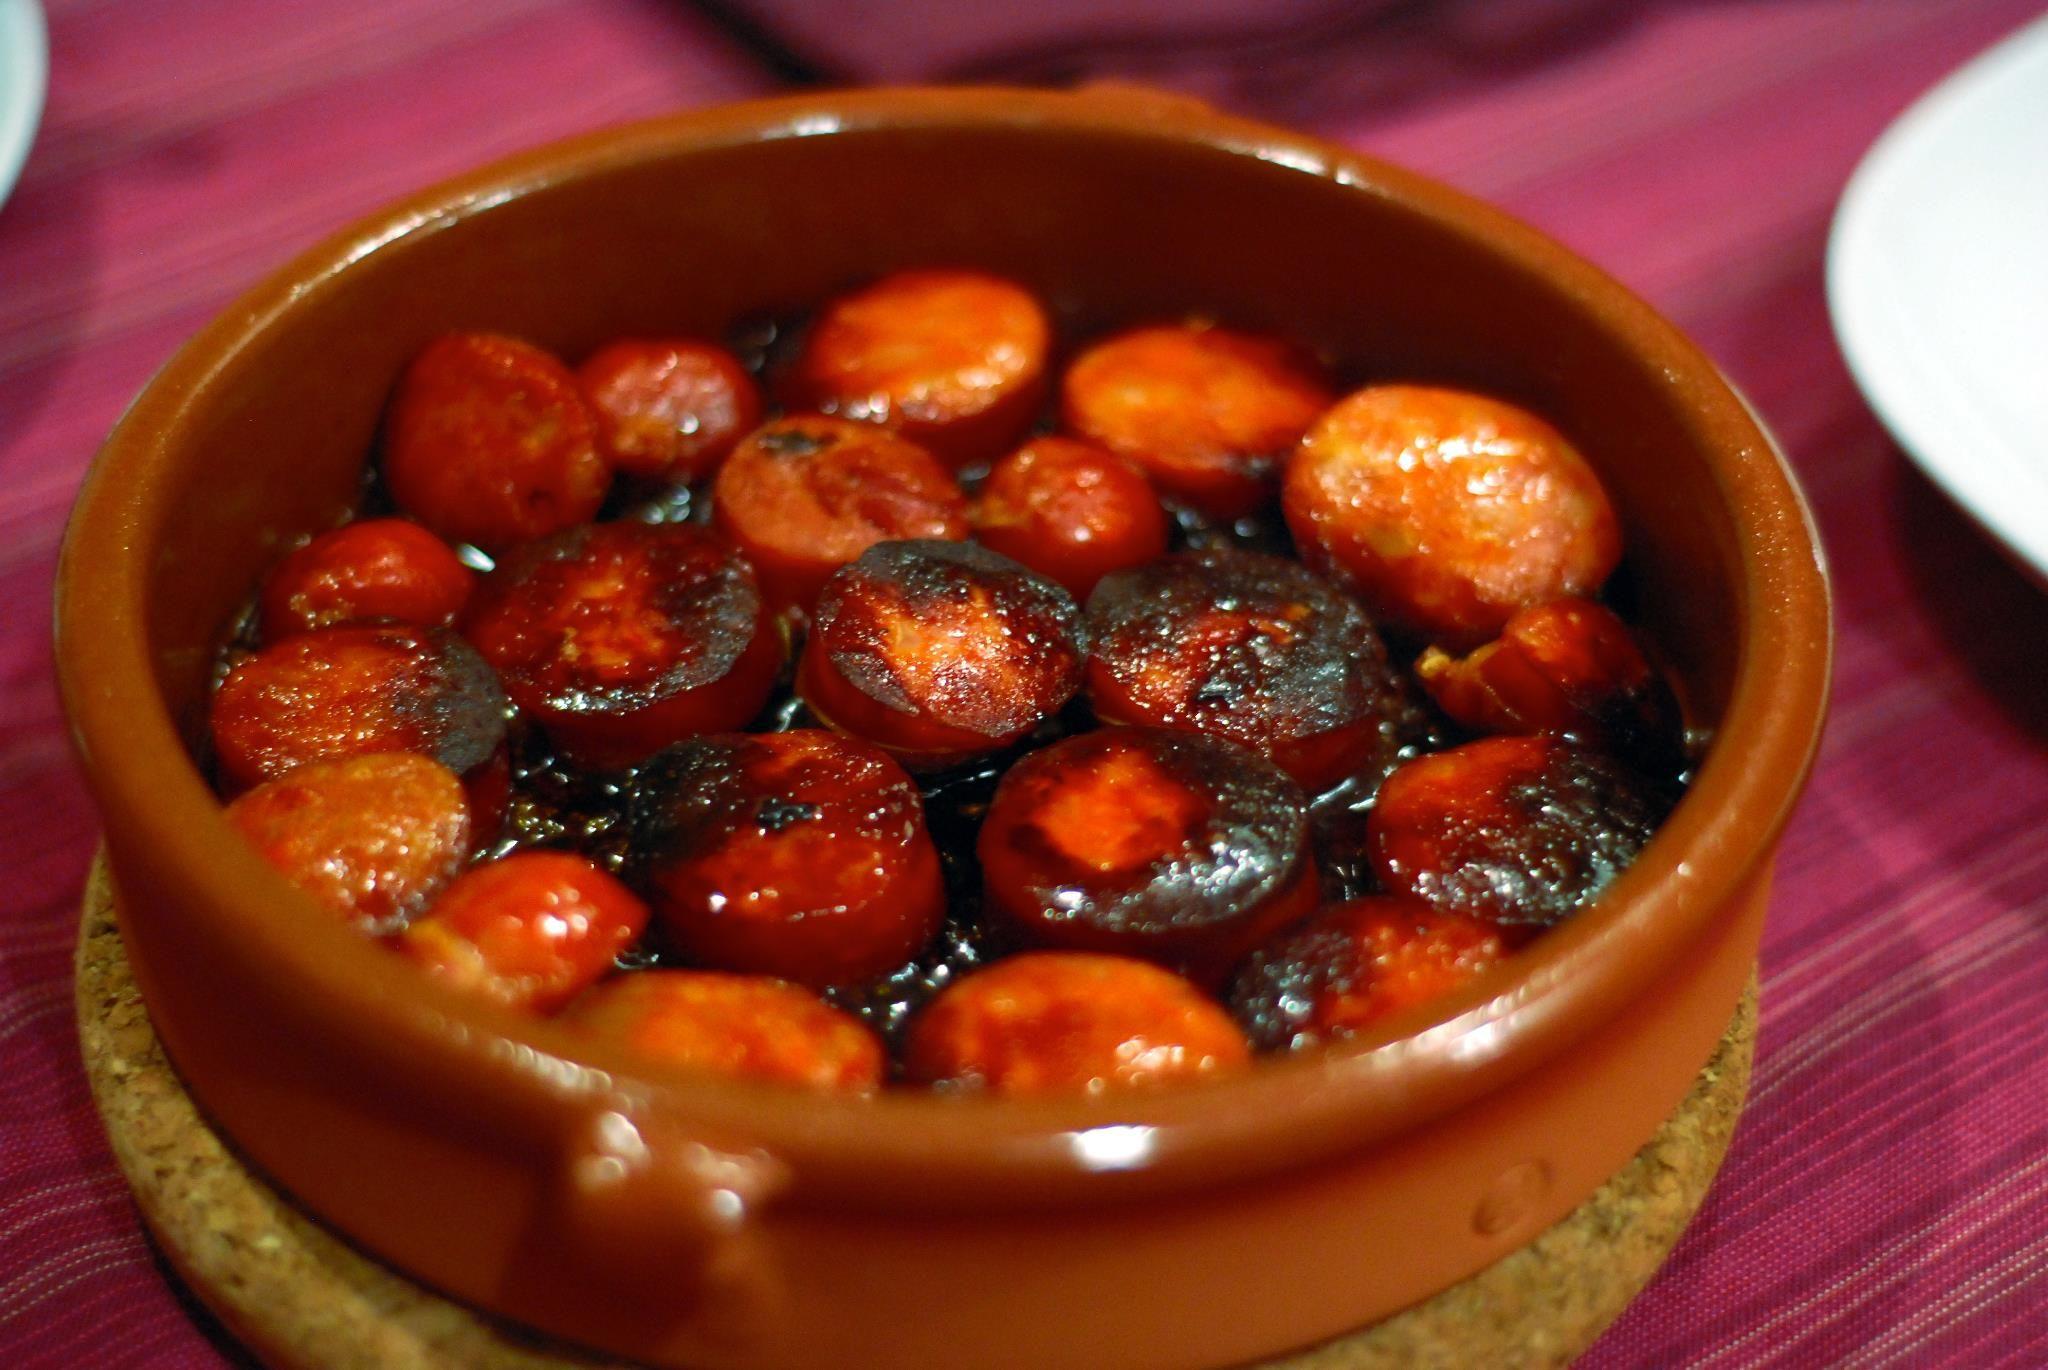 Chorizo A La Sidra Tipico De Asturias Espana Jpg Chorizo Recetas Tapas Gastronomia Espanola